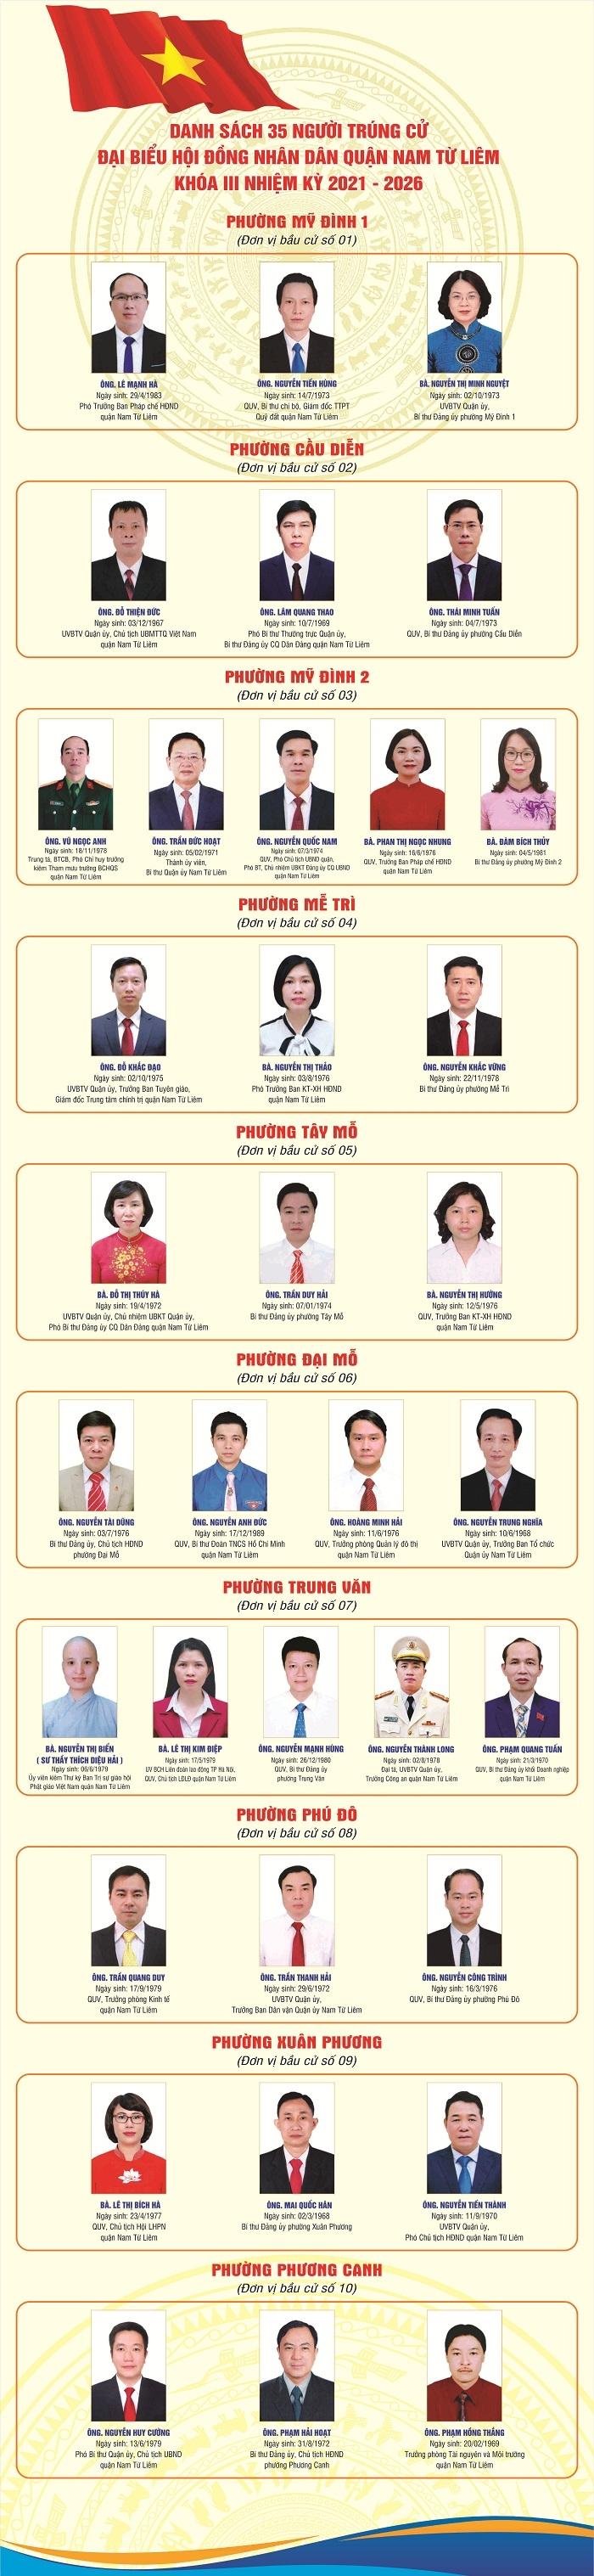 Danh sách 35 đại biểu Hội đồng nhân dân quận Nam Từ Liêm khóa III